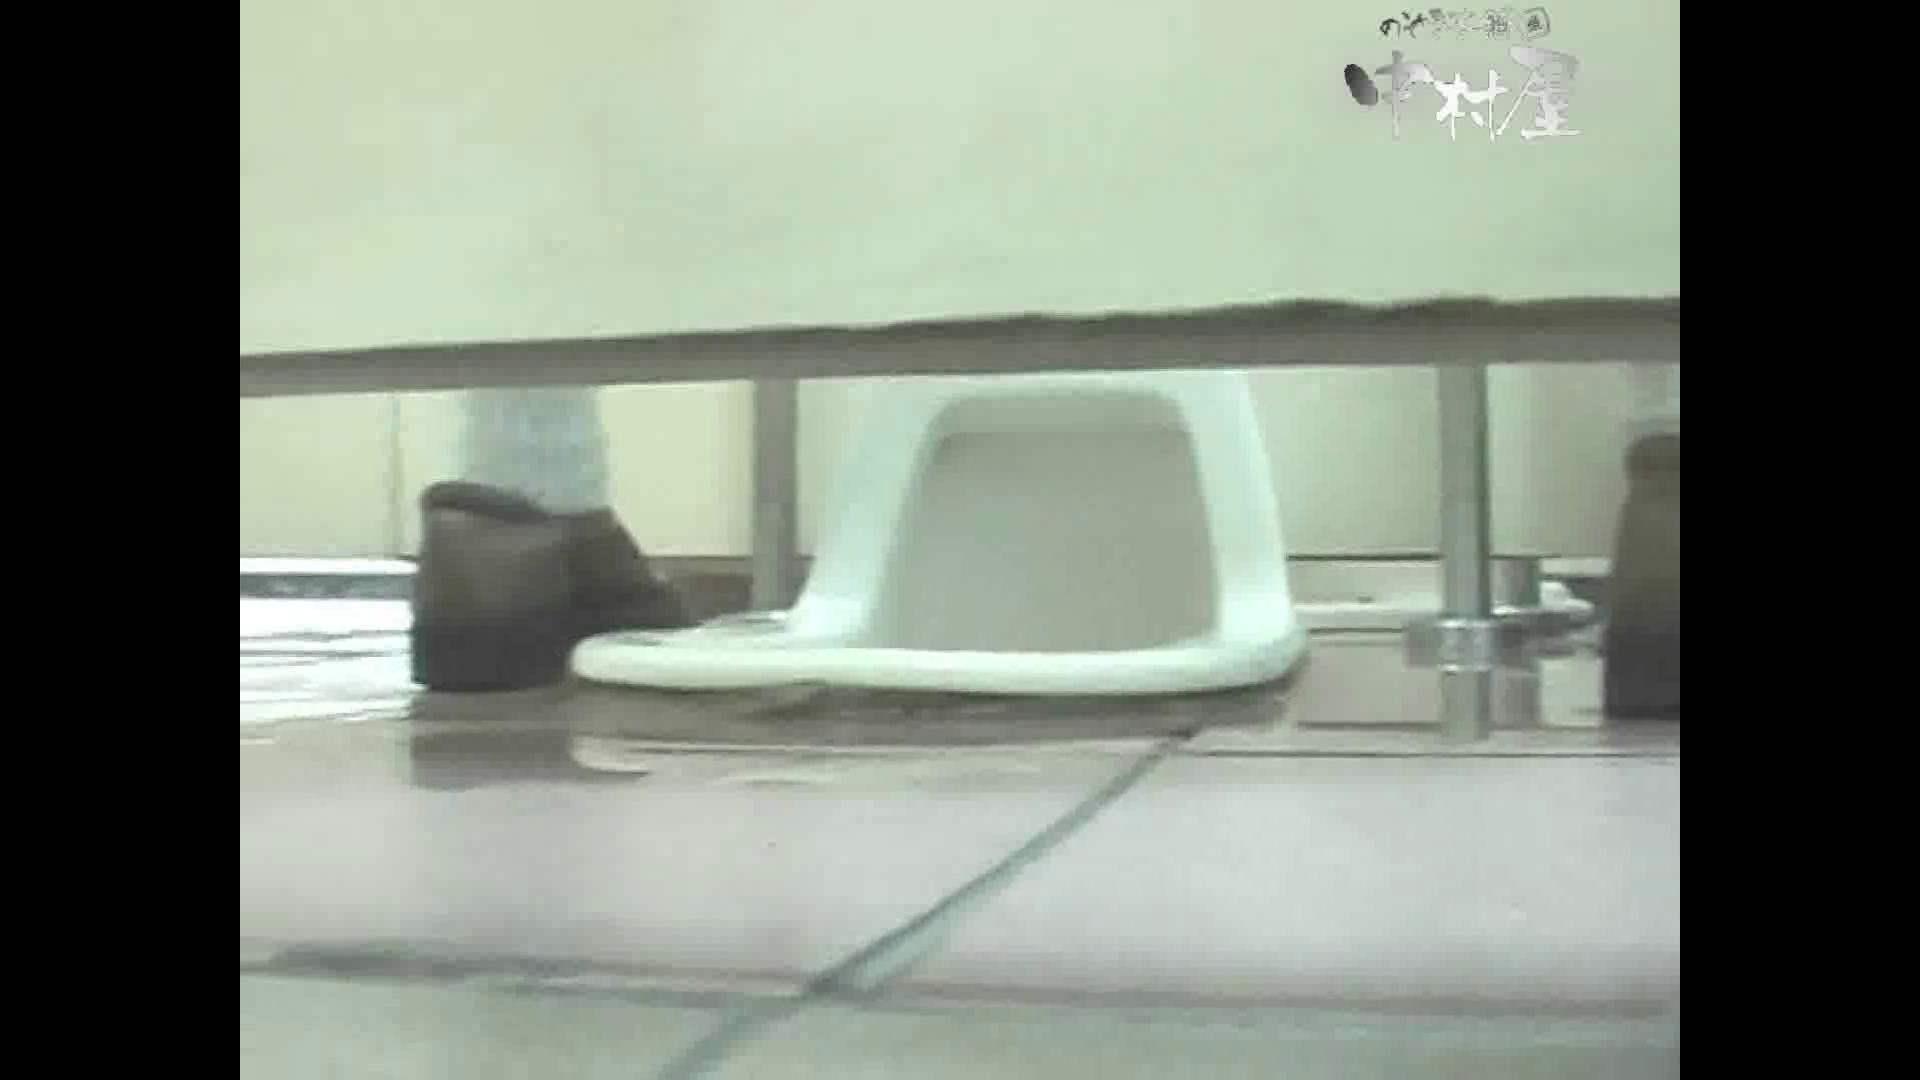 岩手県在住盗撮師盗撮記録vol.42 排泄 オマンコ無修正動画無料 66連発 19